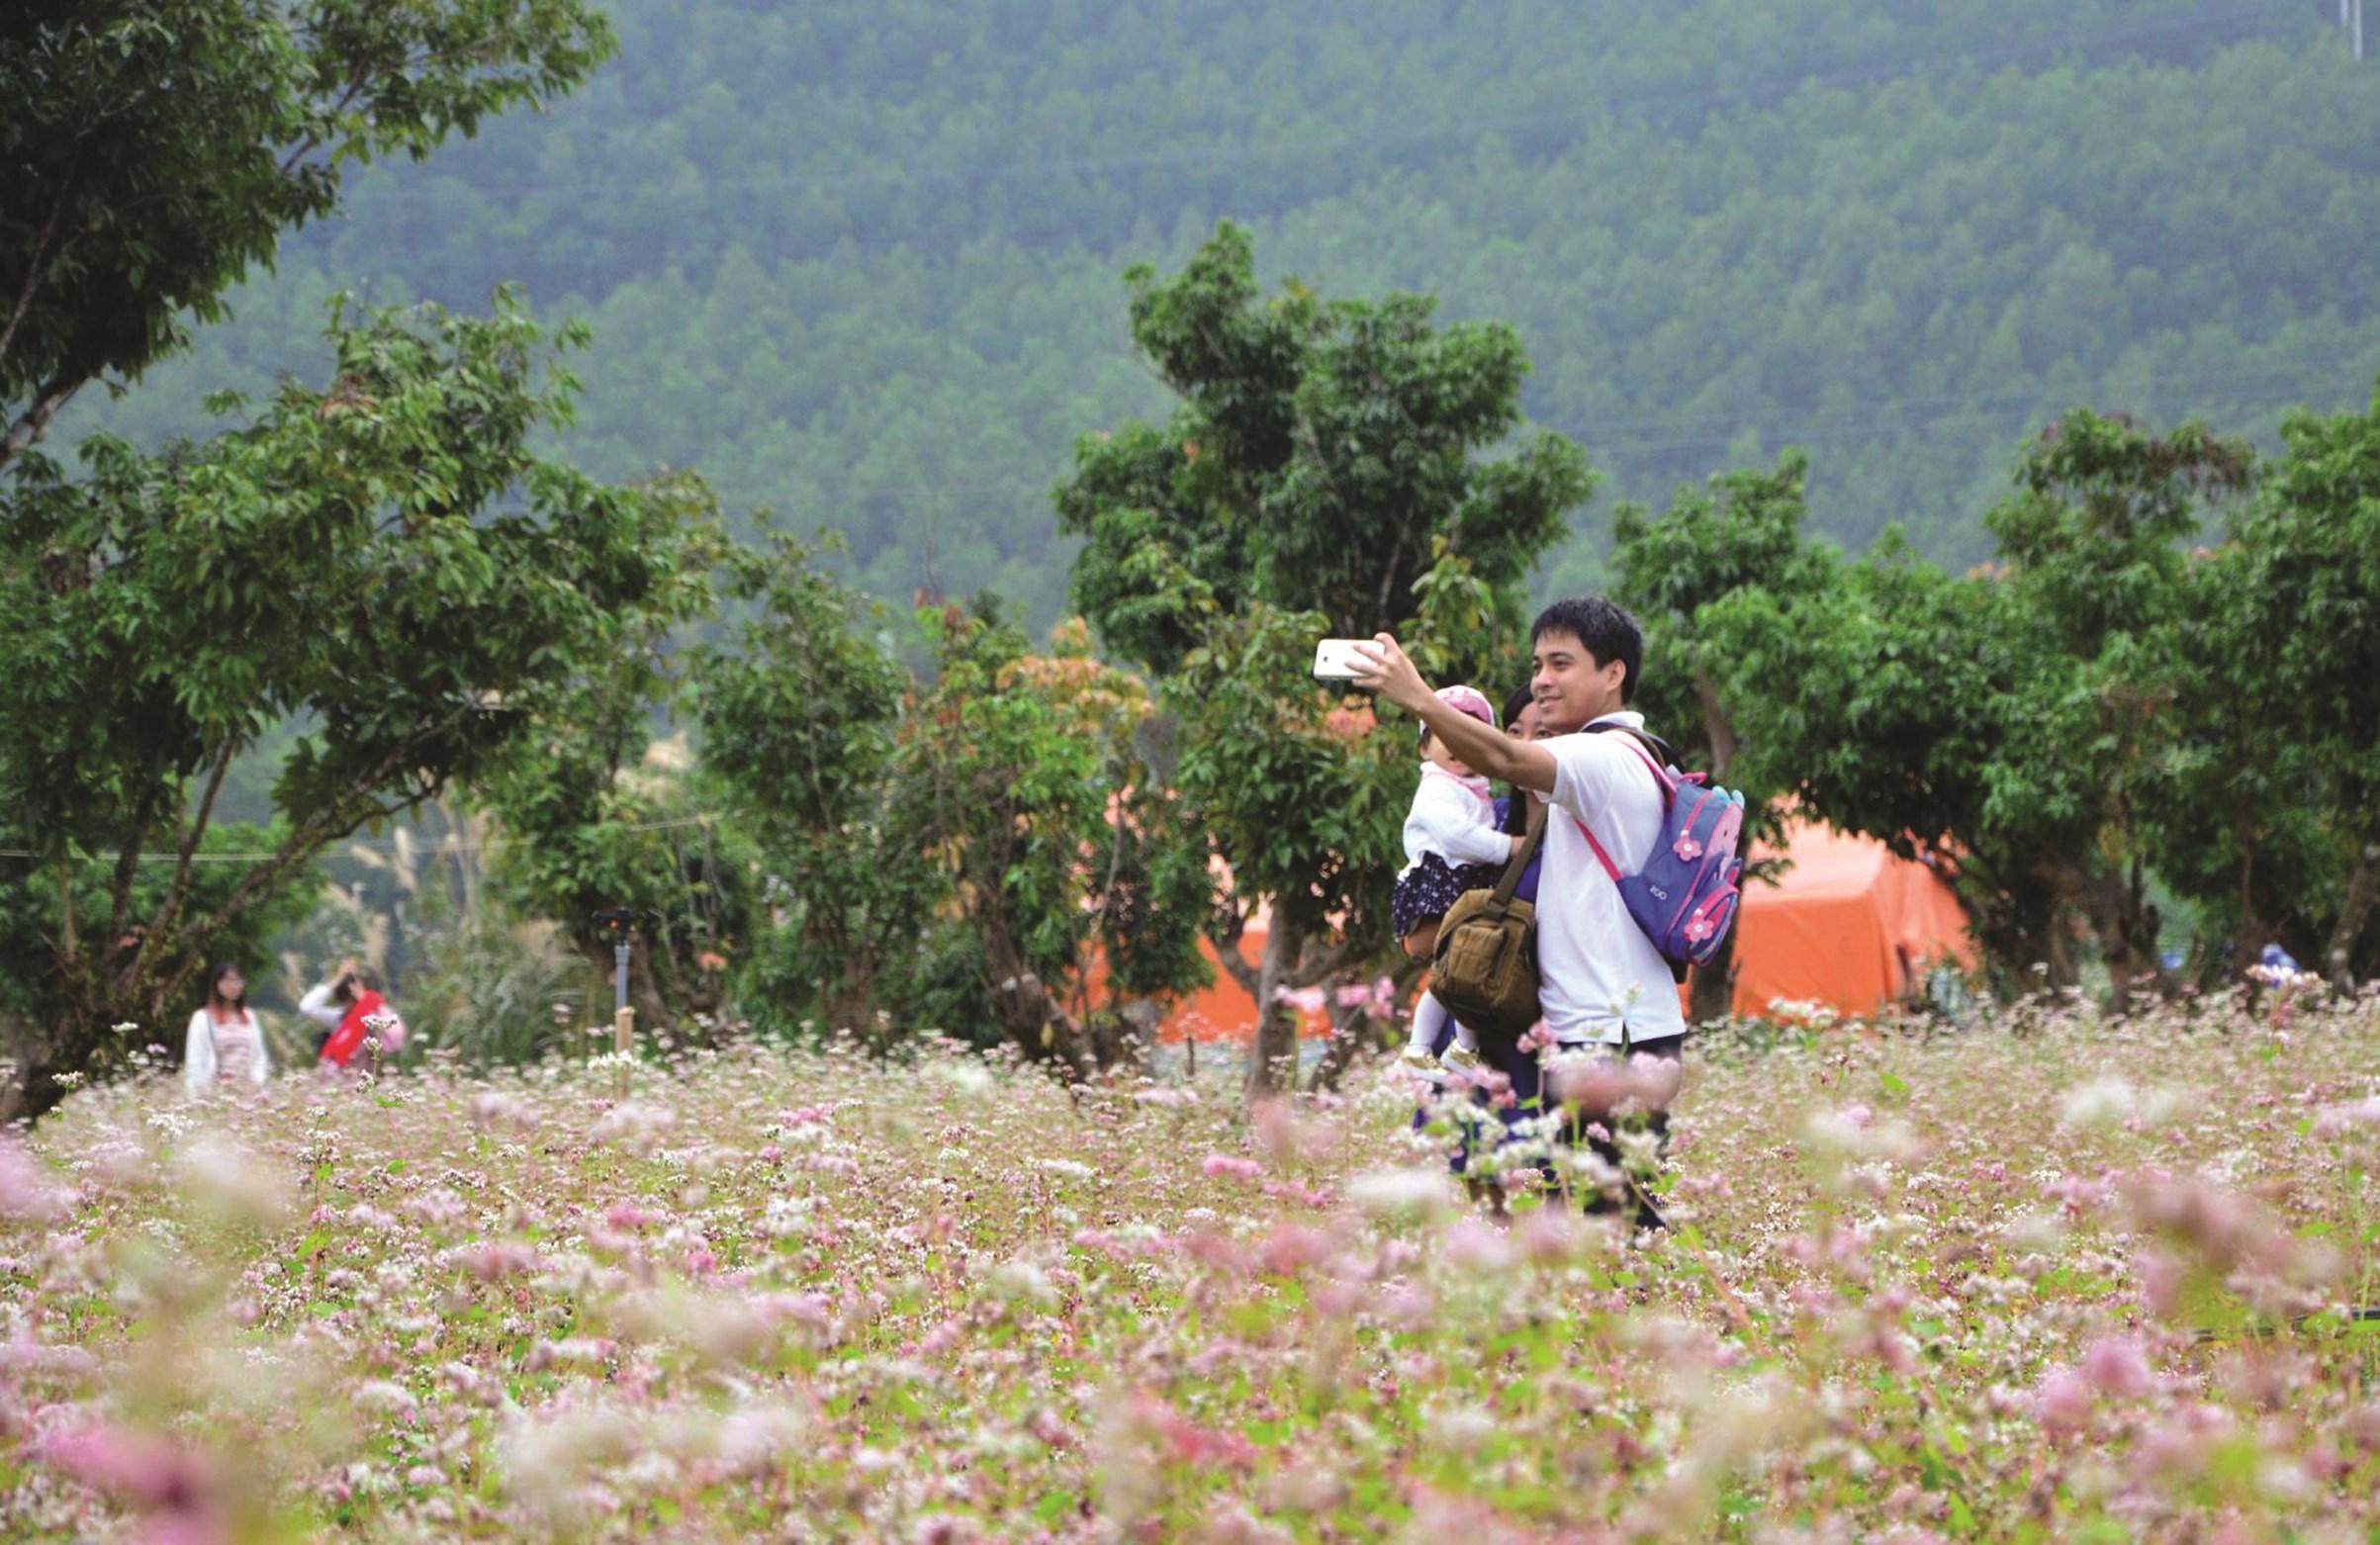 Điểm du lịch thiên đường hoa Quảng La đem lại nhiều việc làm cho đồng bào dân tộc Dao